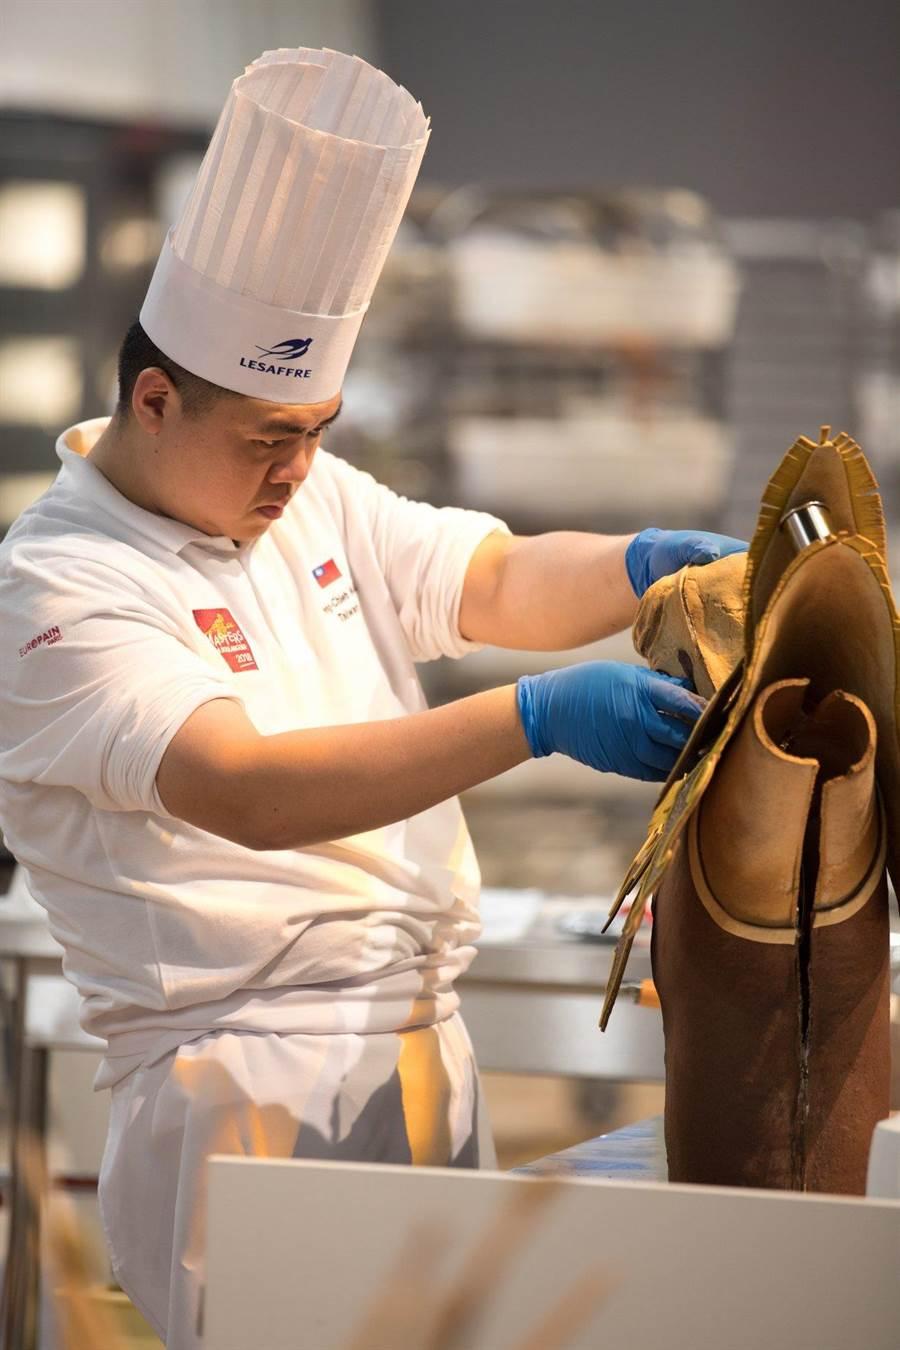 台灣烘焙師傅王鵬傑,勇奪世界麵包冠軍。(翻攝Masters de la Boulangerie臉書)